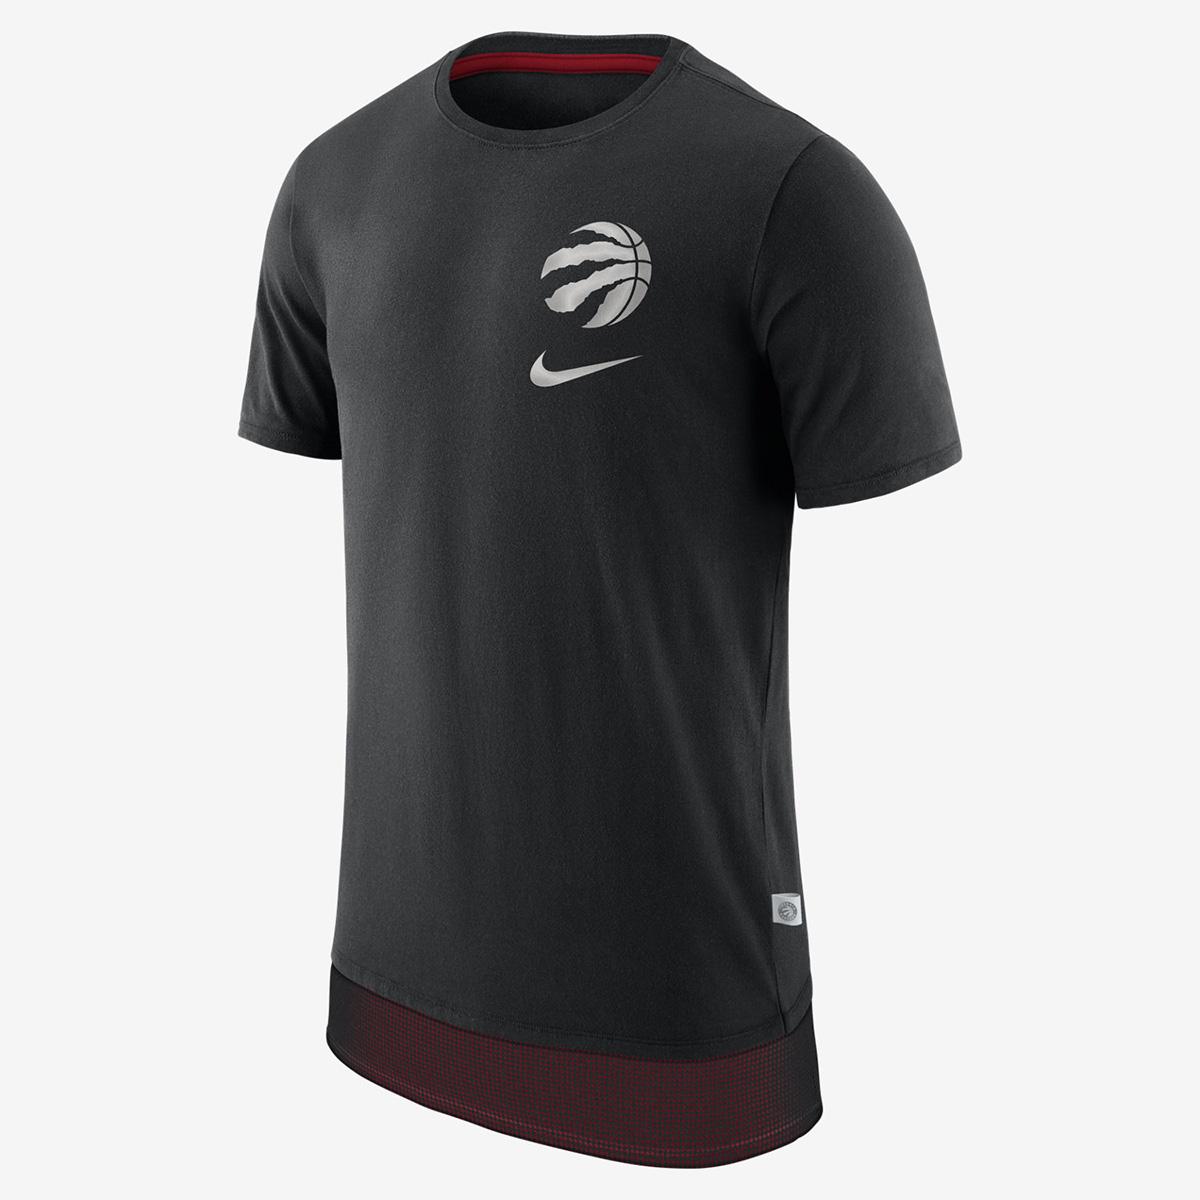 17e3ce8e9 Nike NBA Toronto Raptors Tee - NBA Shop Toronto Raptors Merchandise -  Superfanas.lt